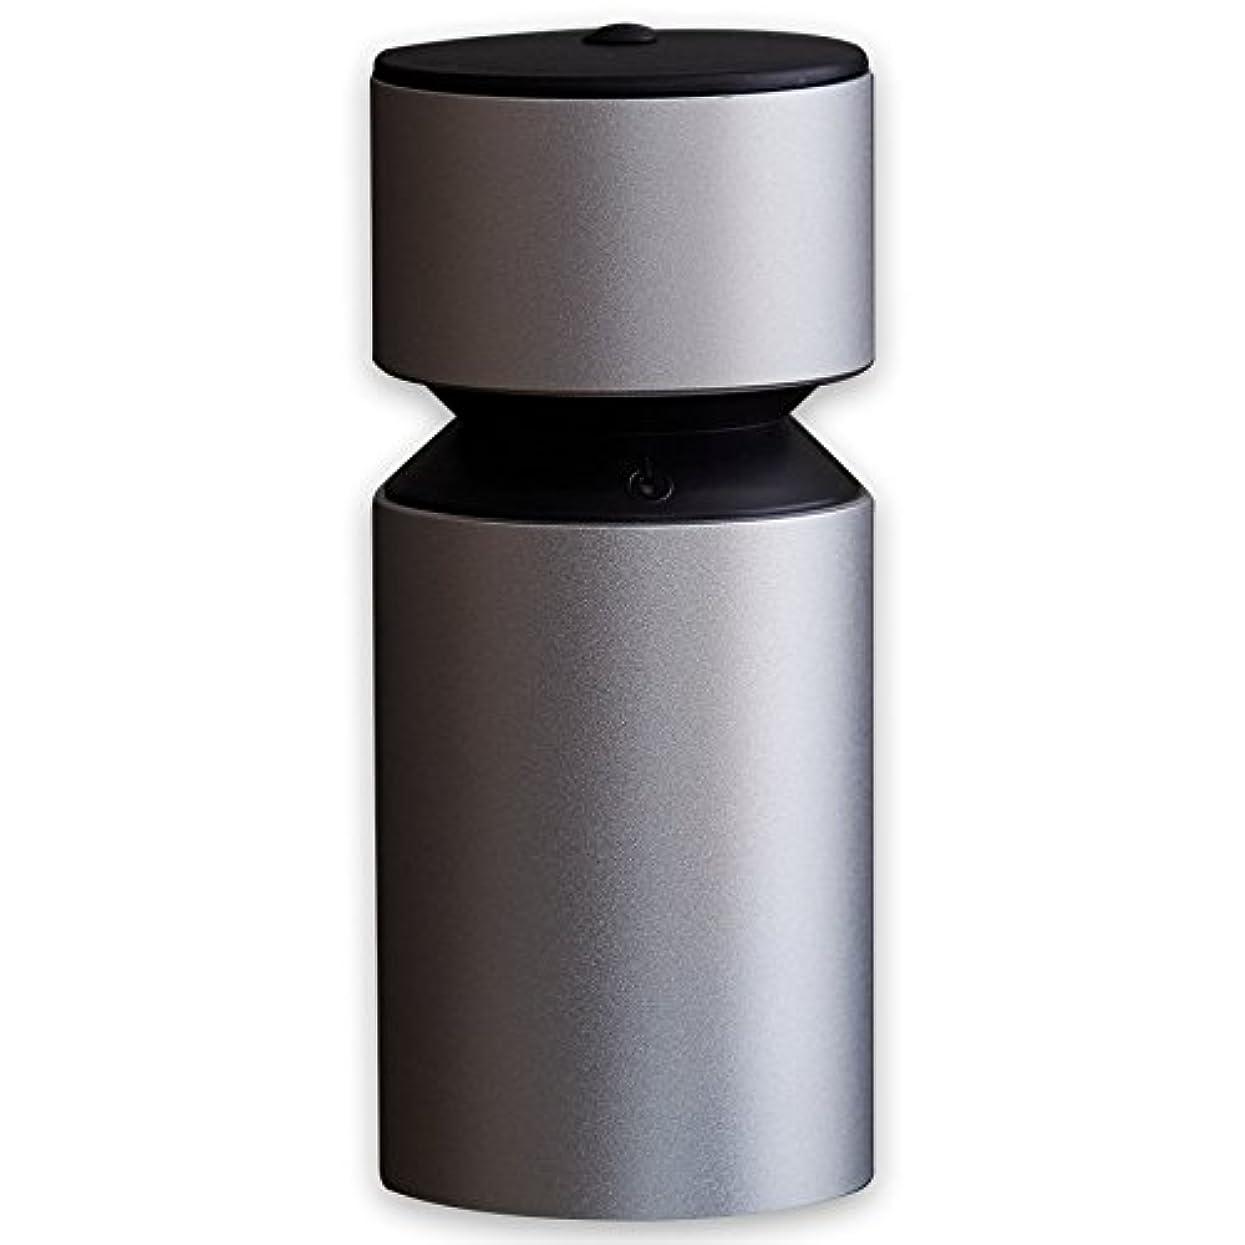 予防接種する黒人不変アロマディフューザー UR-AROMA03 卓上 小型 加湿器 Uruon(ウルオン) オーガニックアロマオイル対応 天然アロマオイル AROMA ポータブル usb コンパクト 充電式 タンブラー 2way アロマドロップ方式